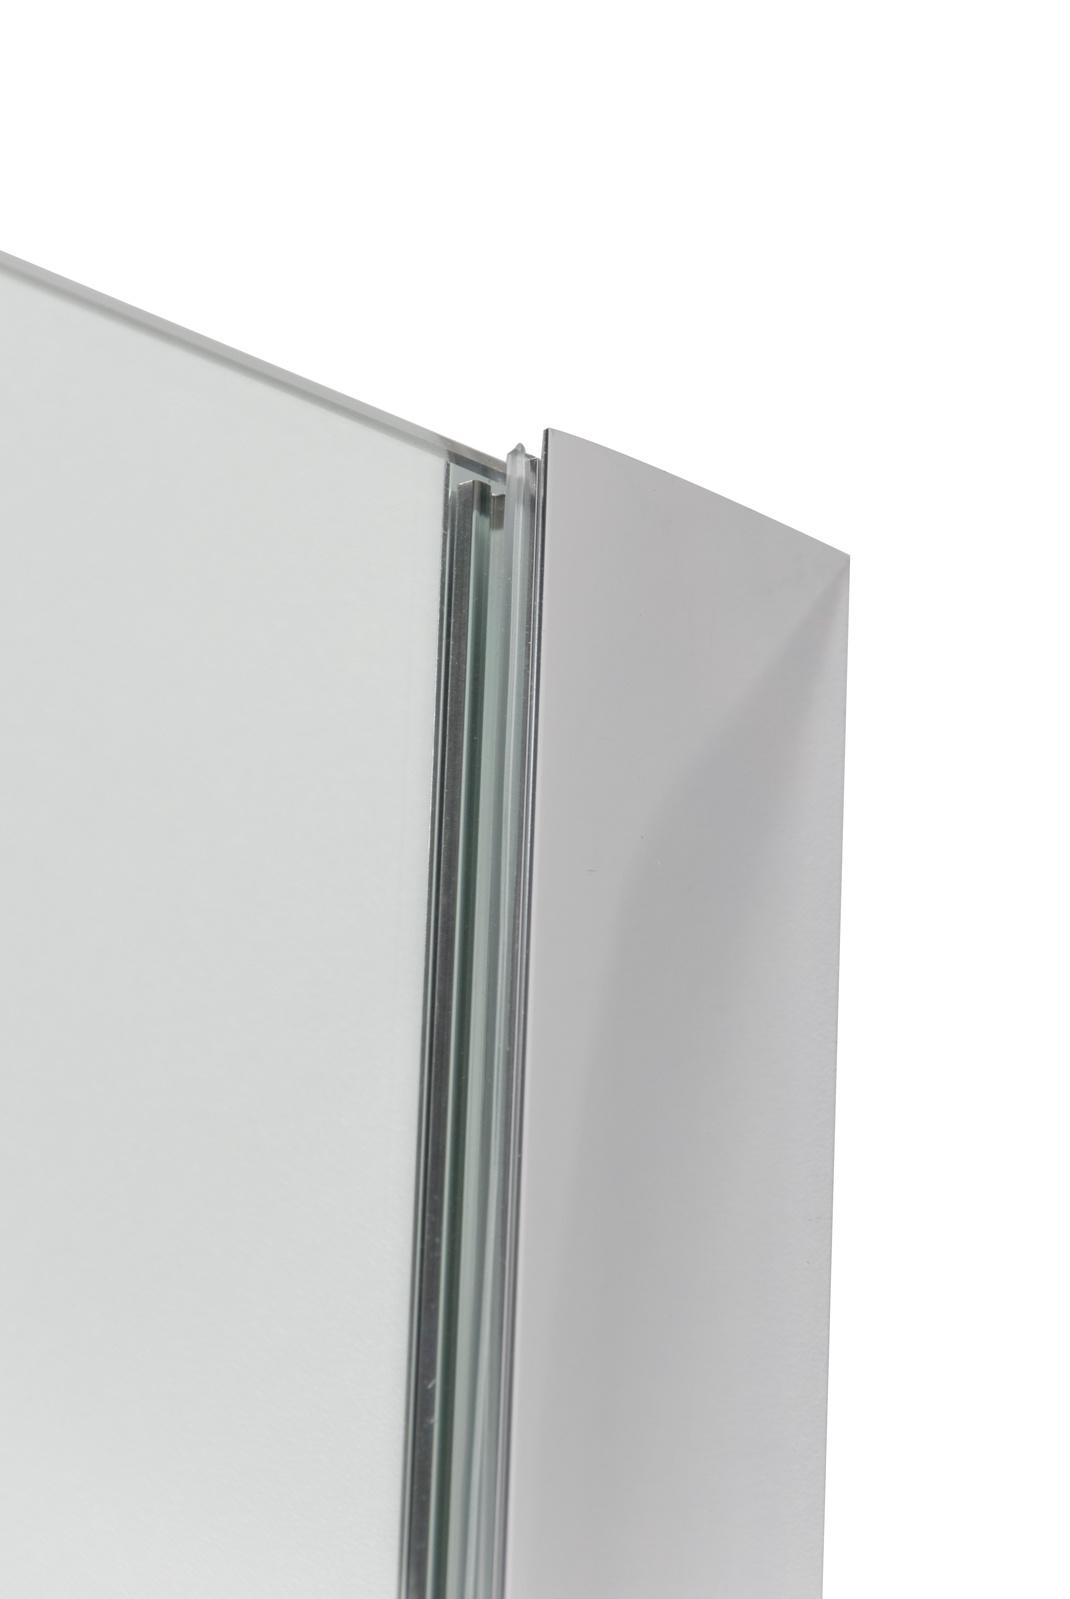 Linea Uno Inloopdouche Linea Uno 35 x 200 cm